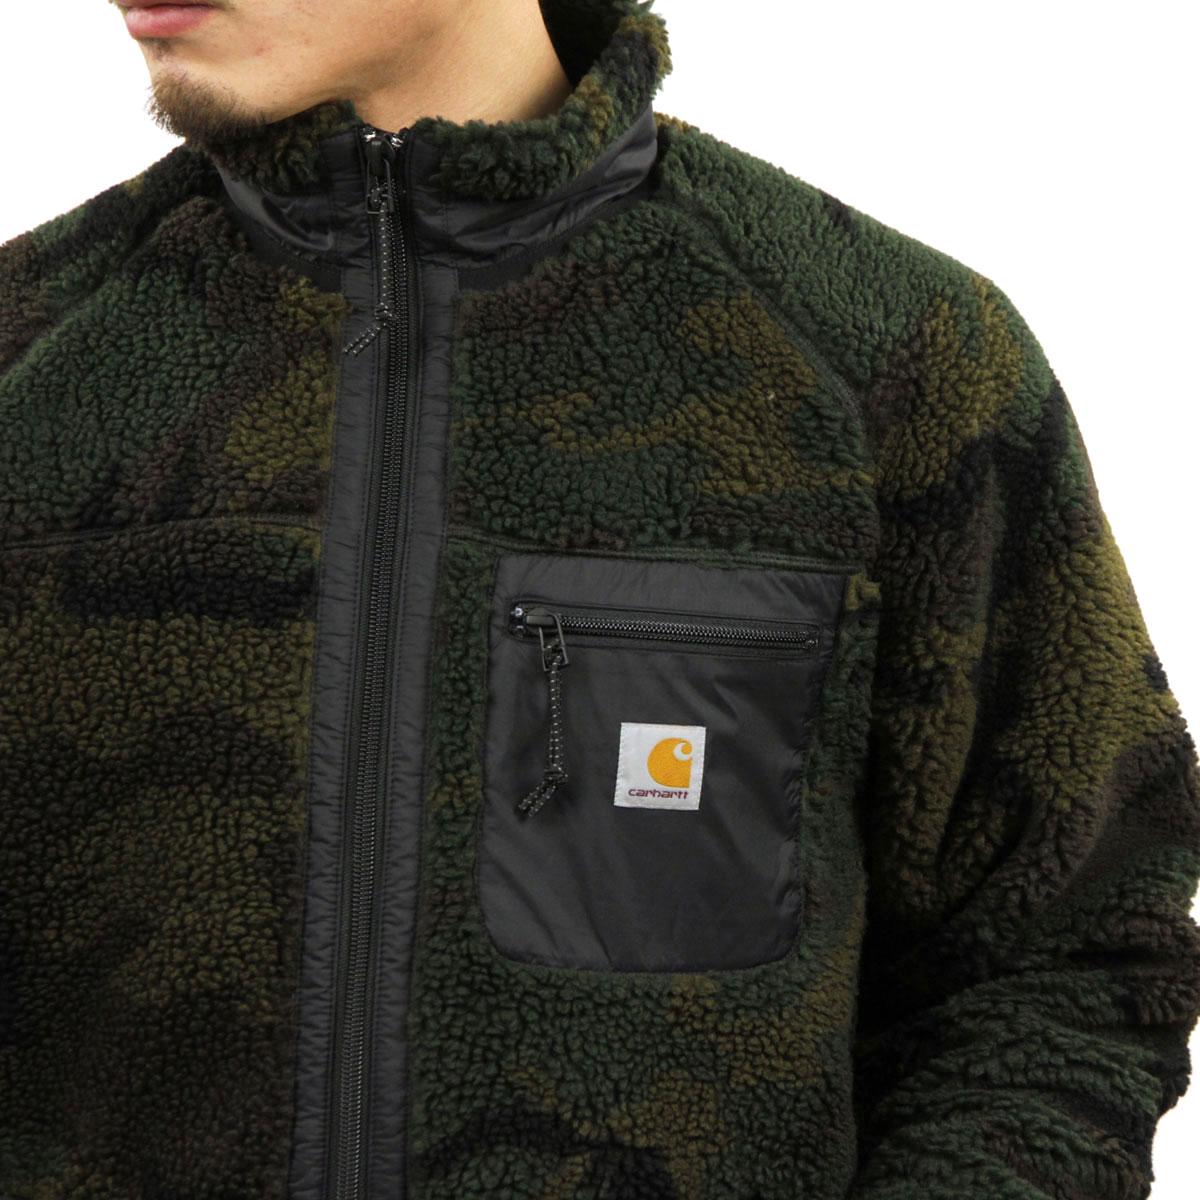 カーハート ジャケット メンズ 正規品 CARHARTT WIP ジャケット フリースジャケット アウター PRENTIS LINER FLEECE JACKET I025120 05P00 CAMO EVERGREENOkZuTXiP